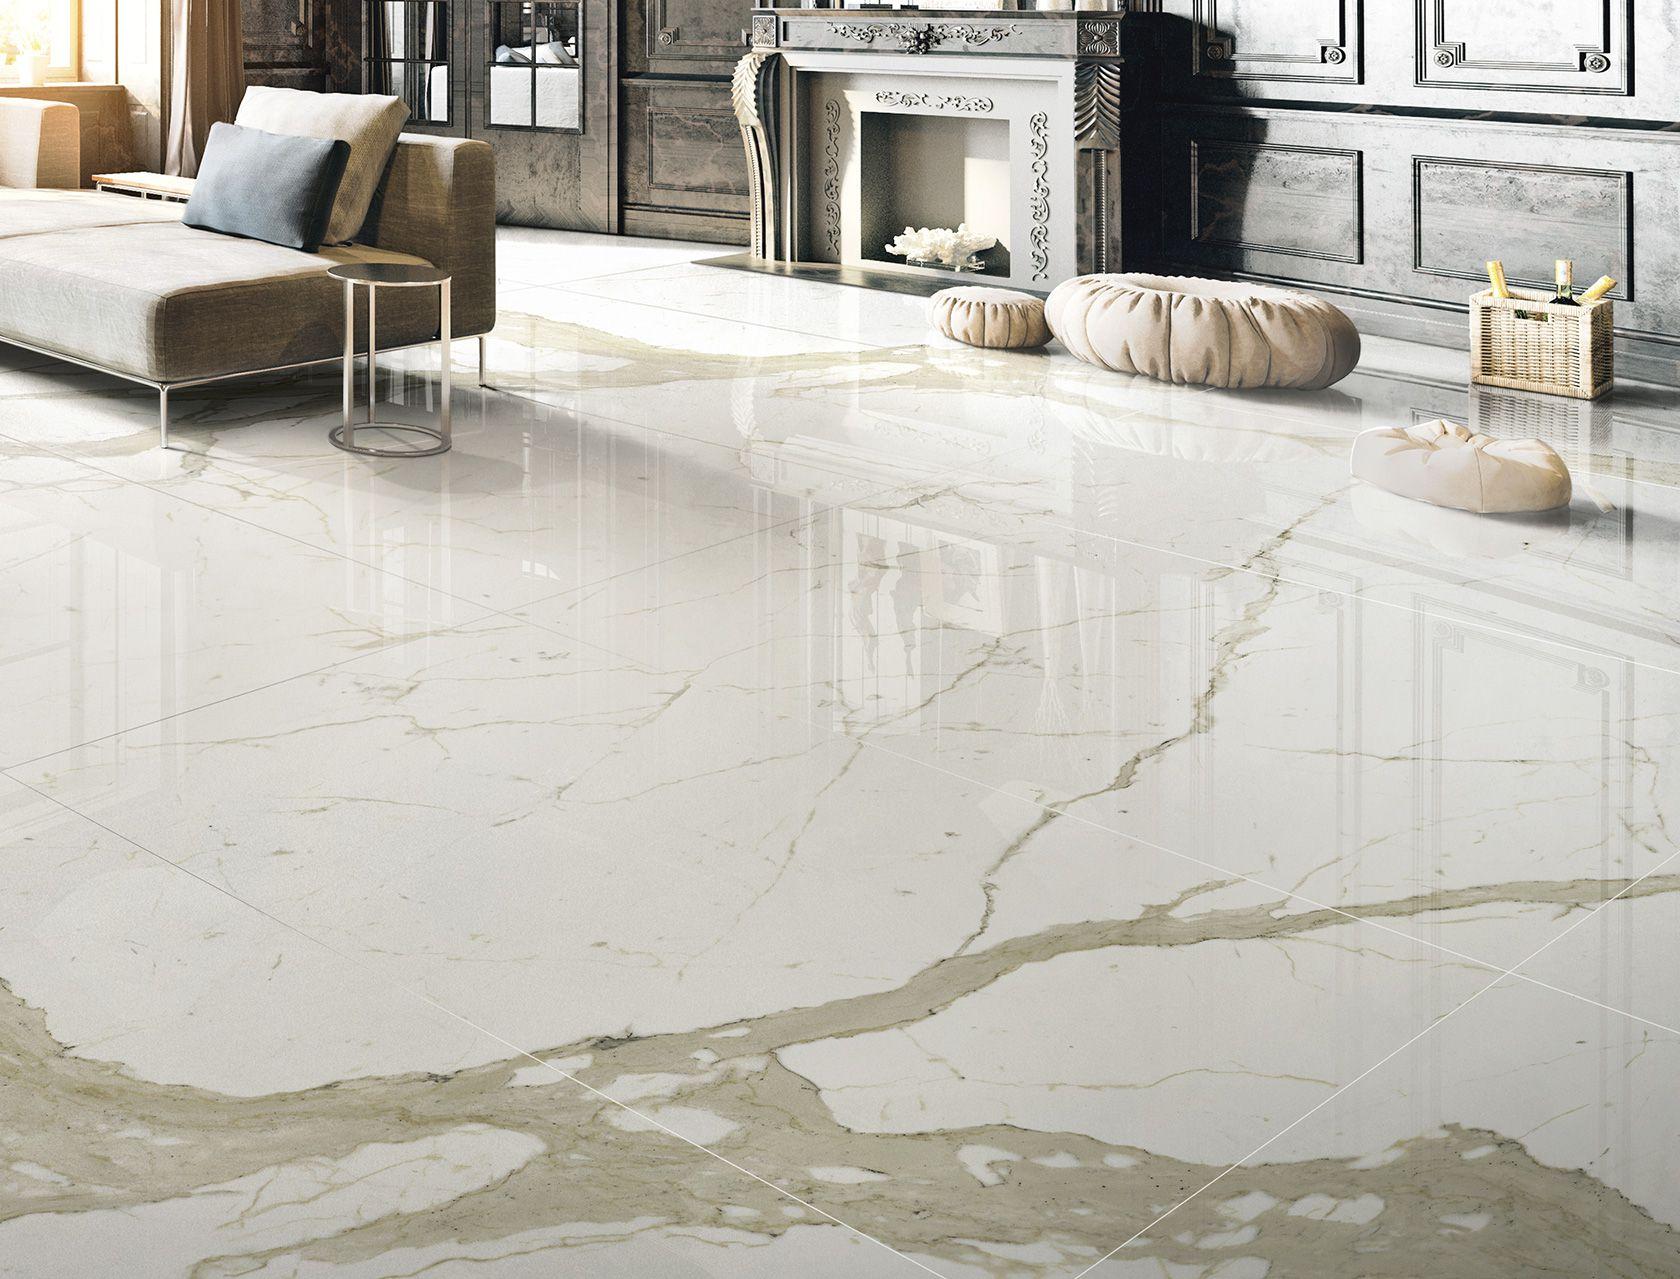 Pulizia e manutenzione dei pavimenti in gres porcellanato